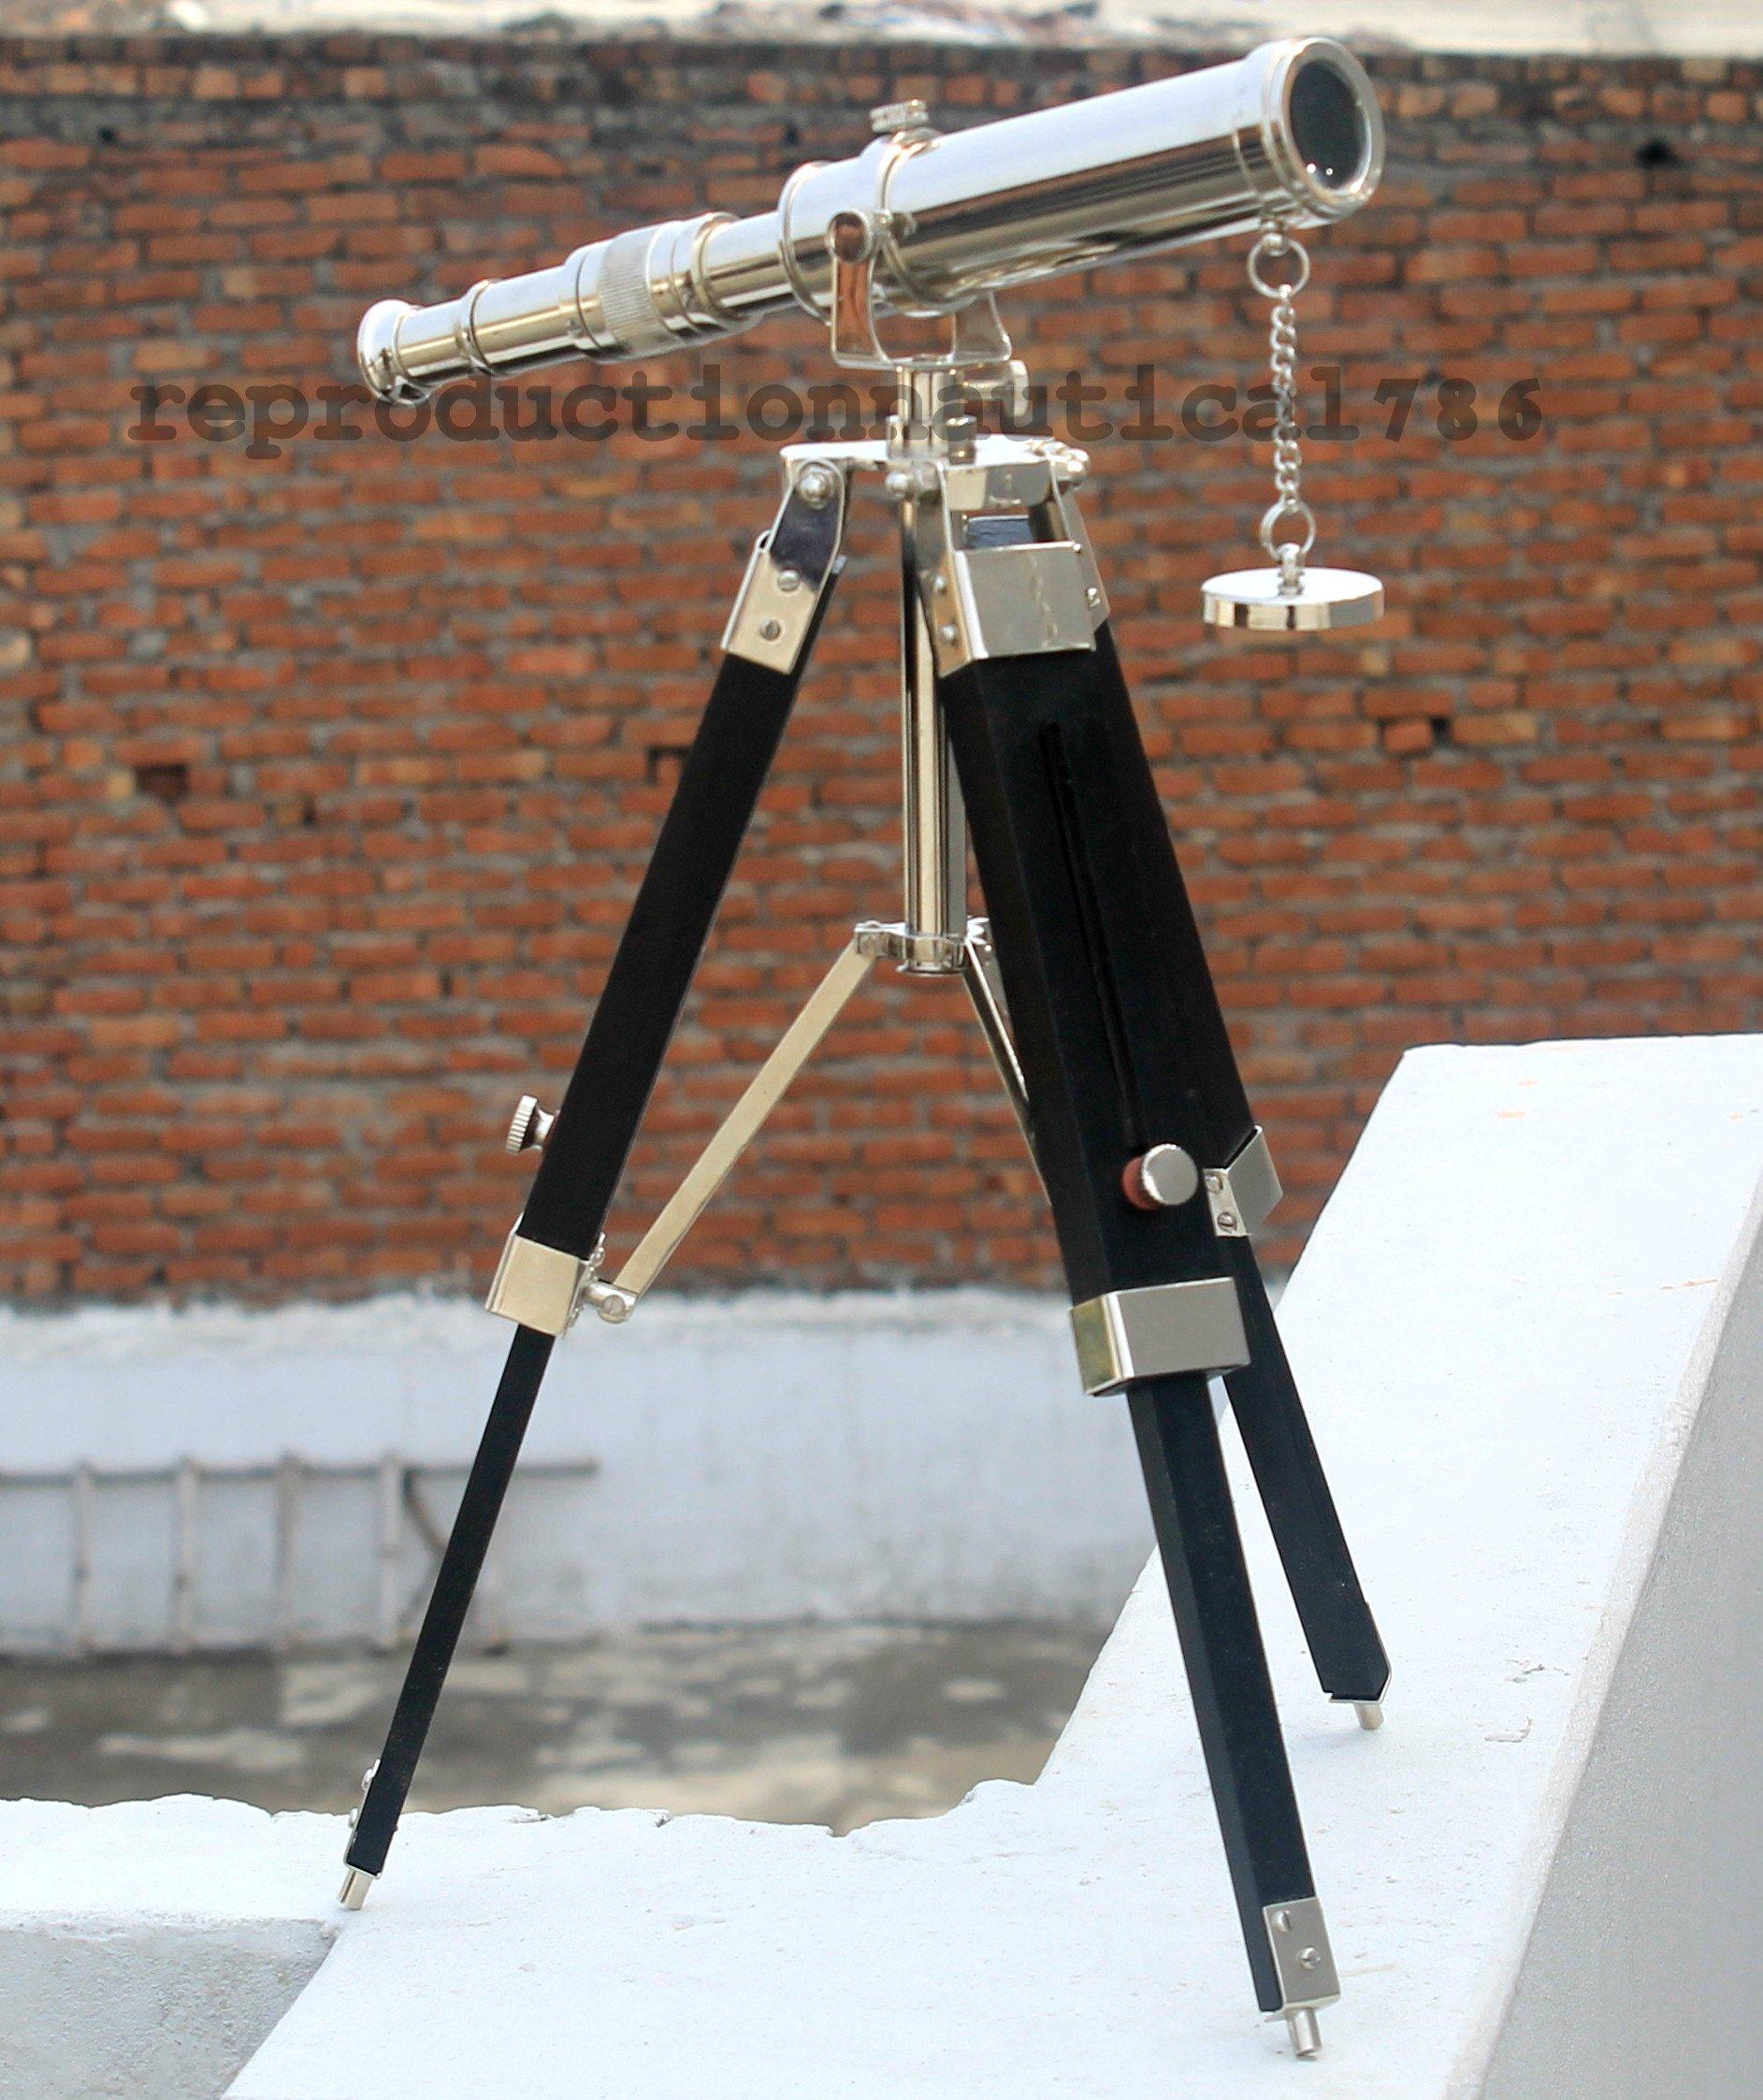 Antique House Office Desk Telescope Maritime Vintage Scope Tripod Telescope Decor